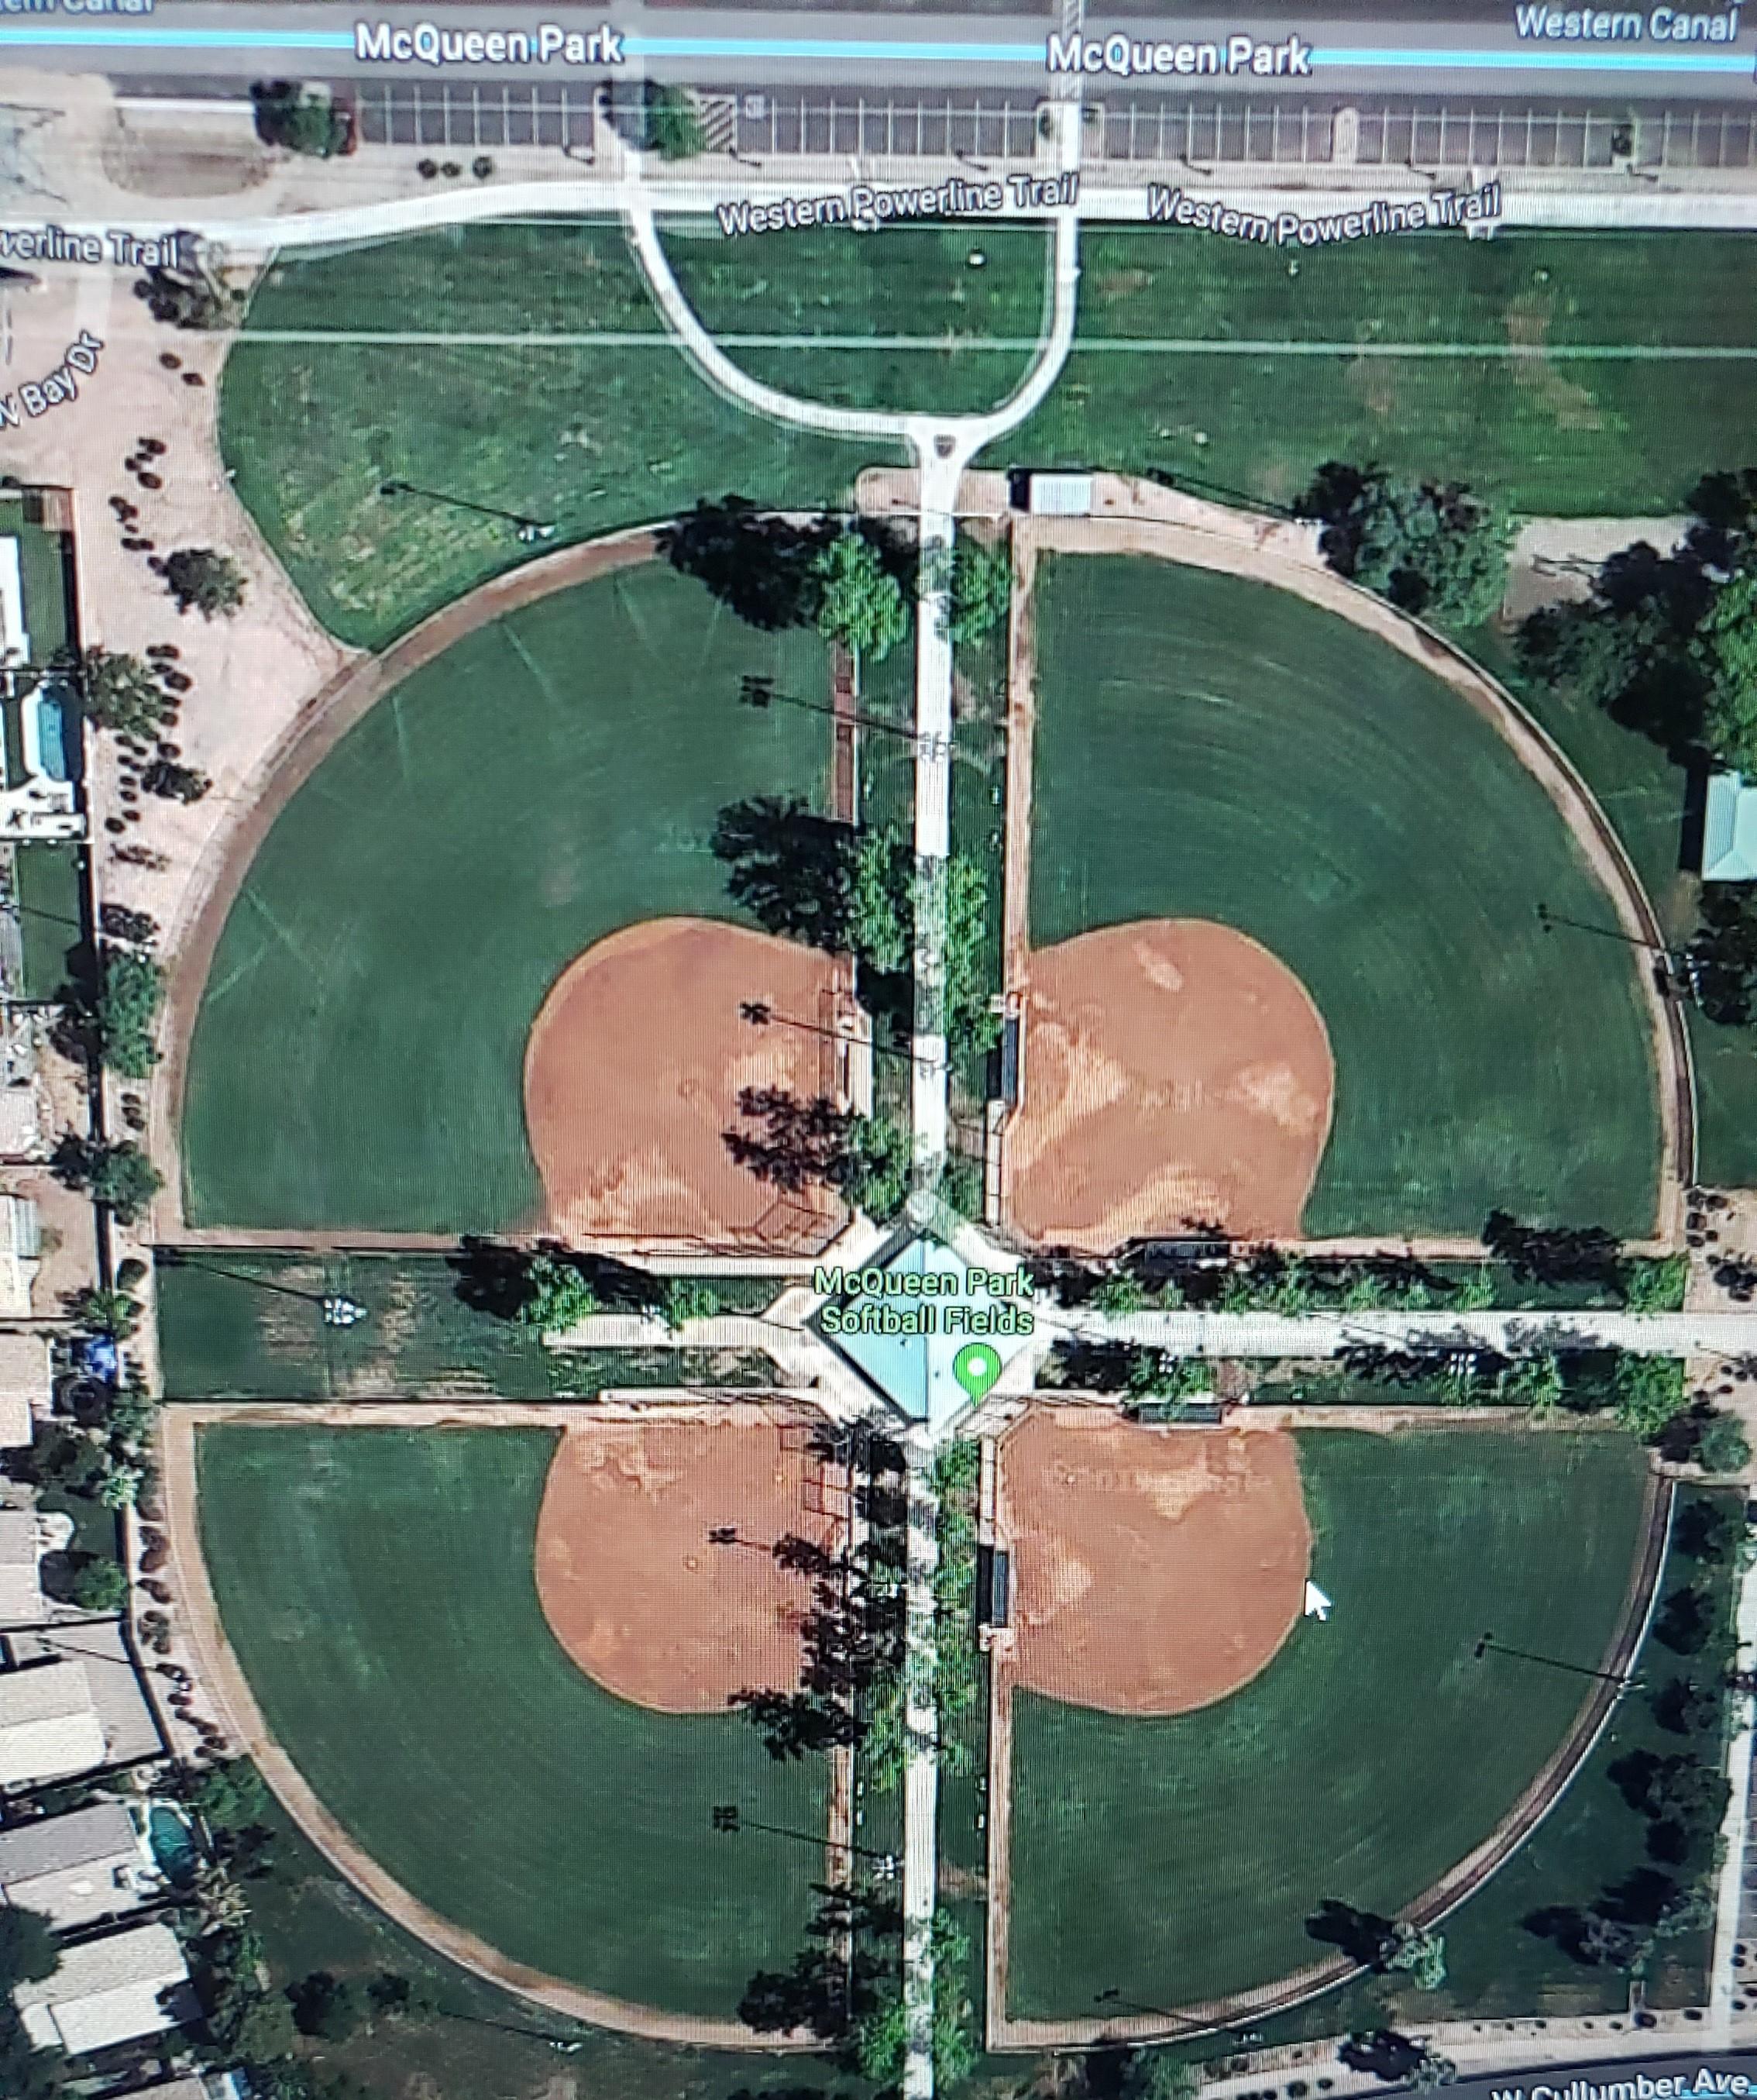 McQueen Park